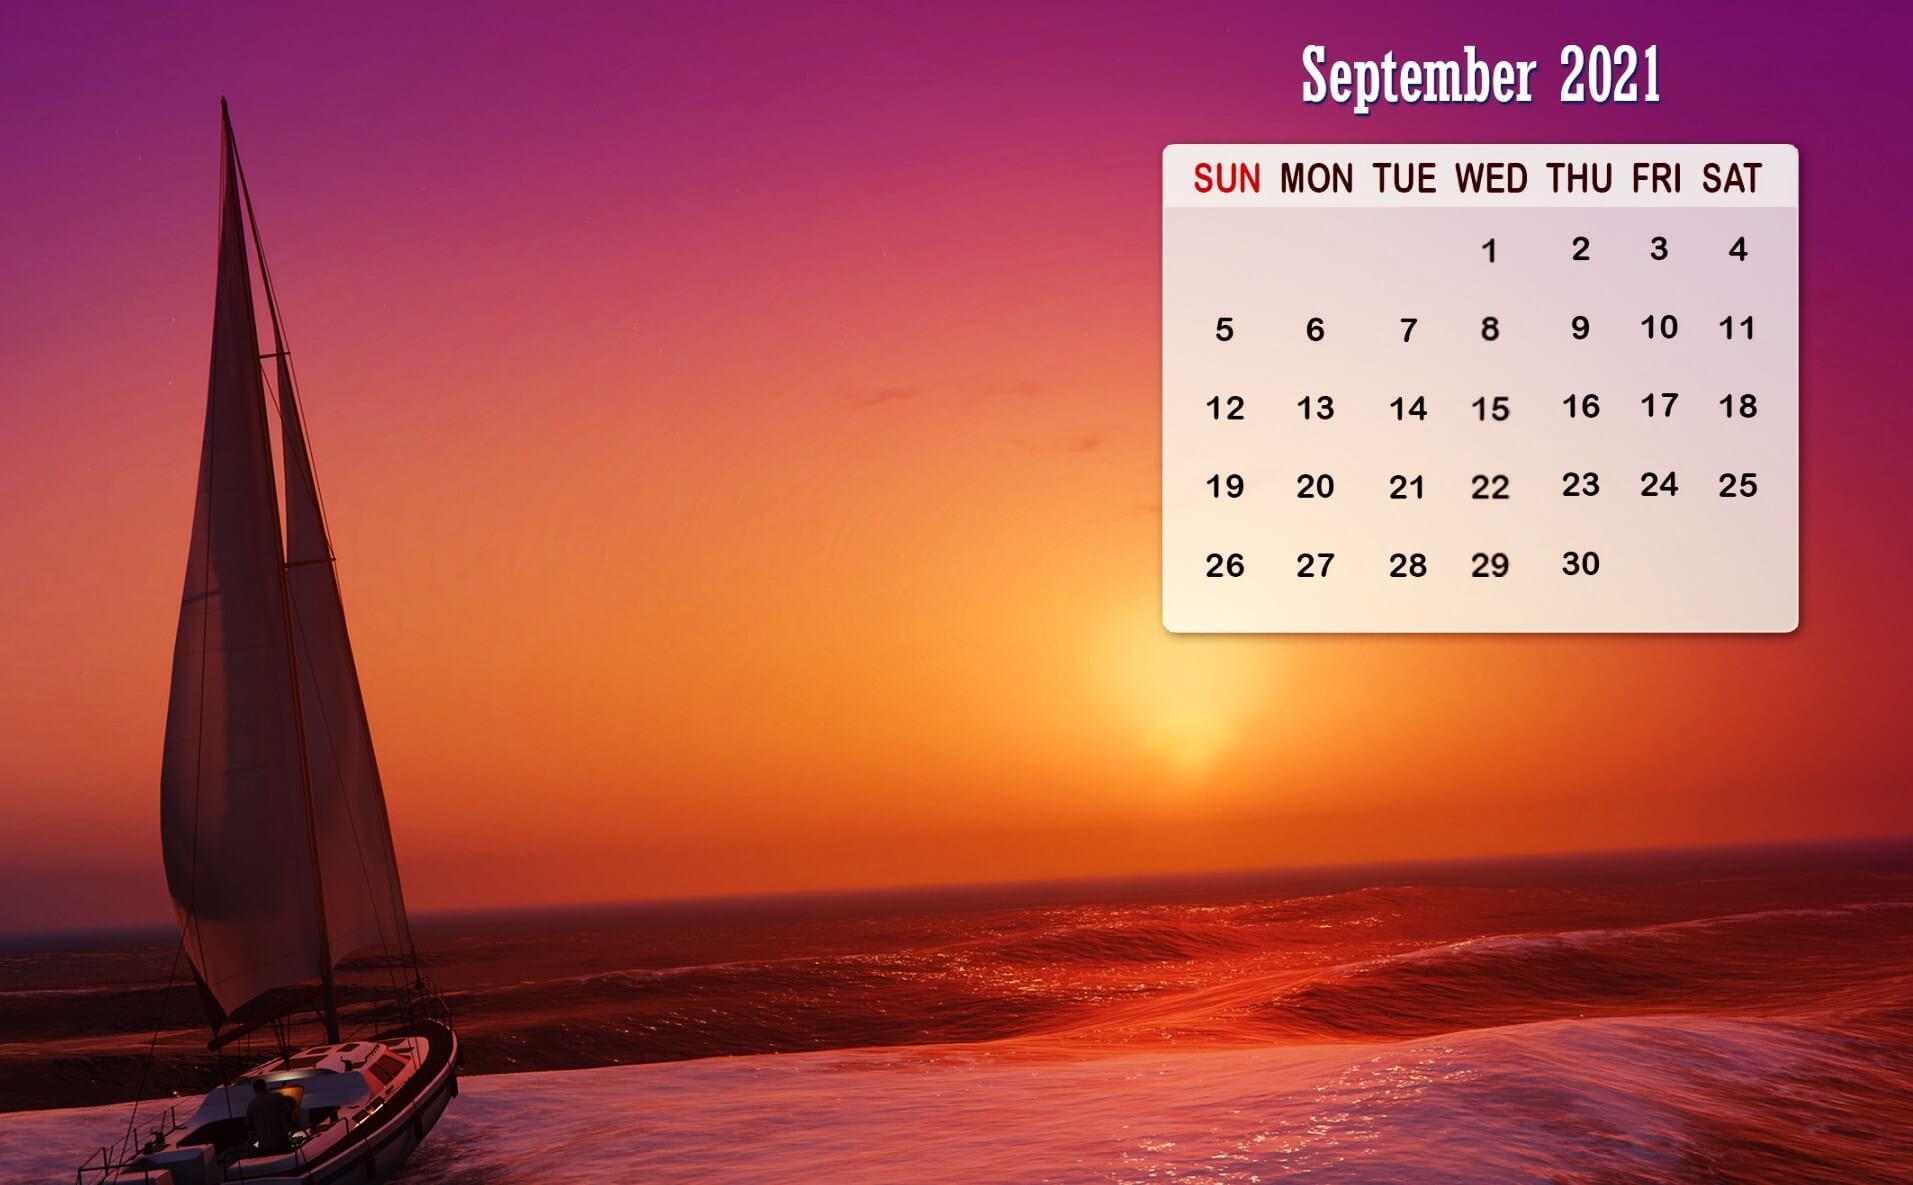 2021 September Desktop Calendar